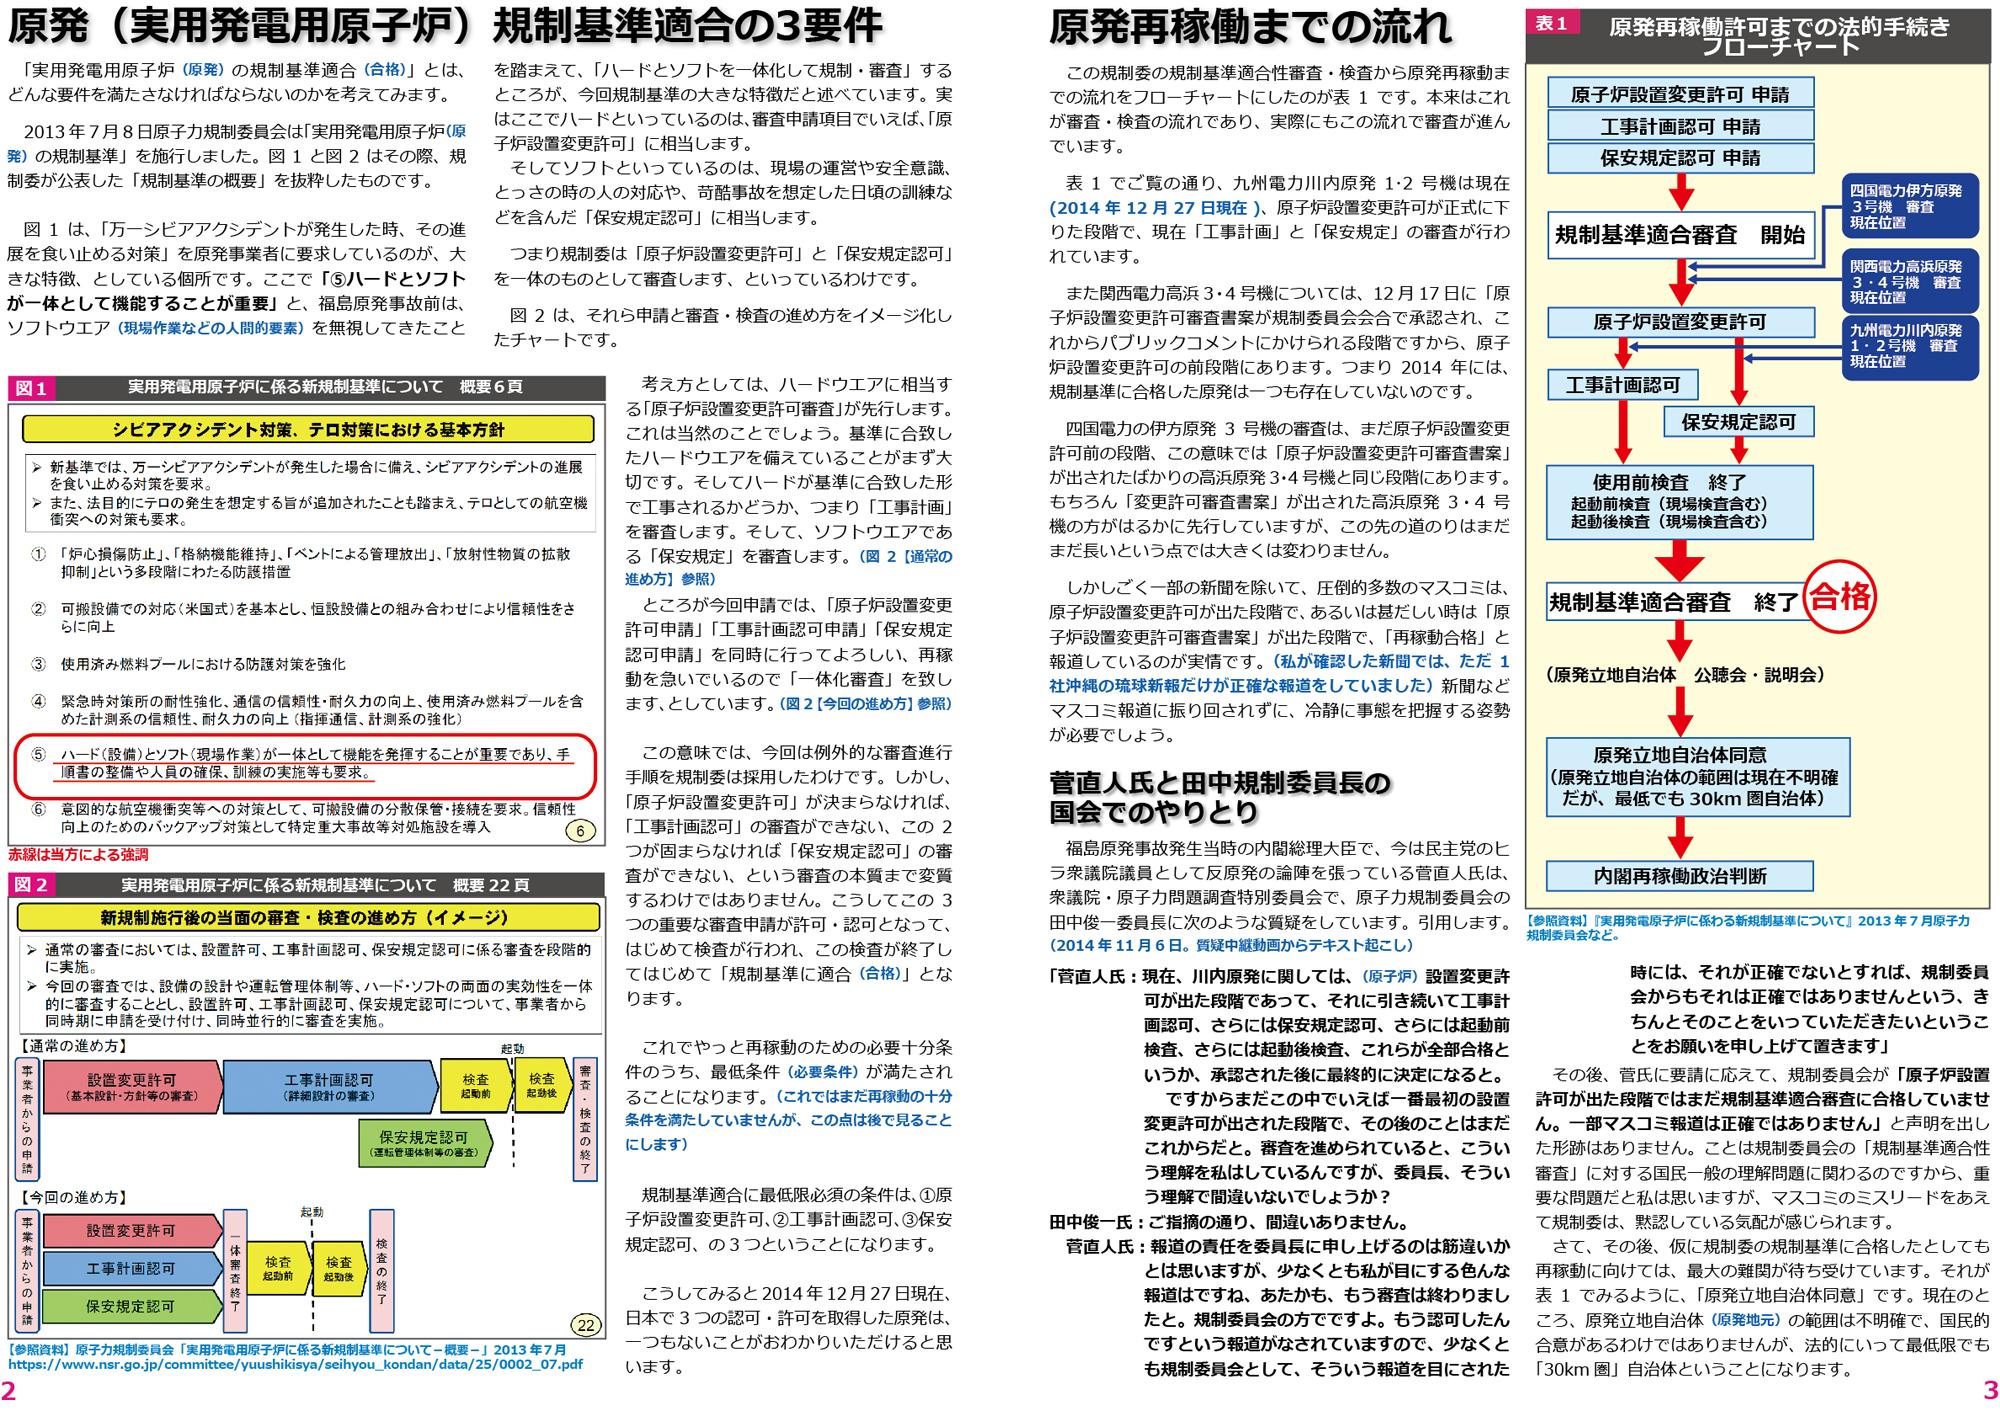 ファイル 50-2.jpg